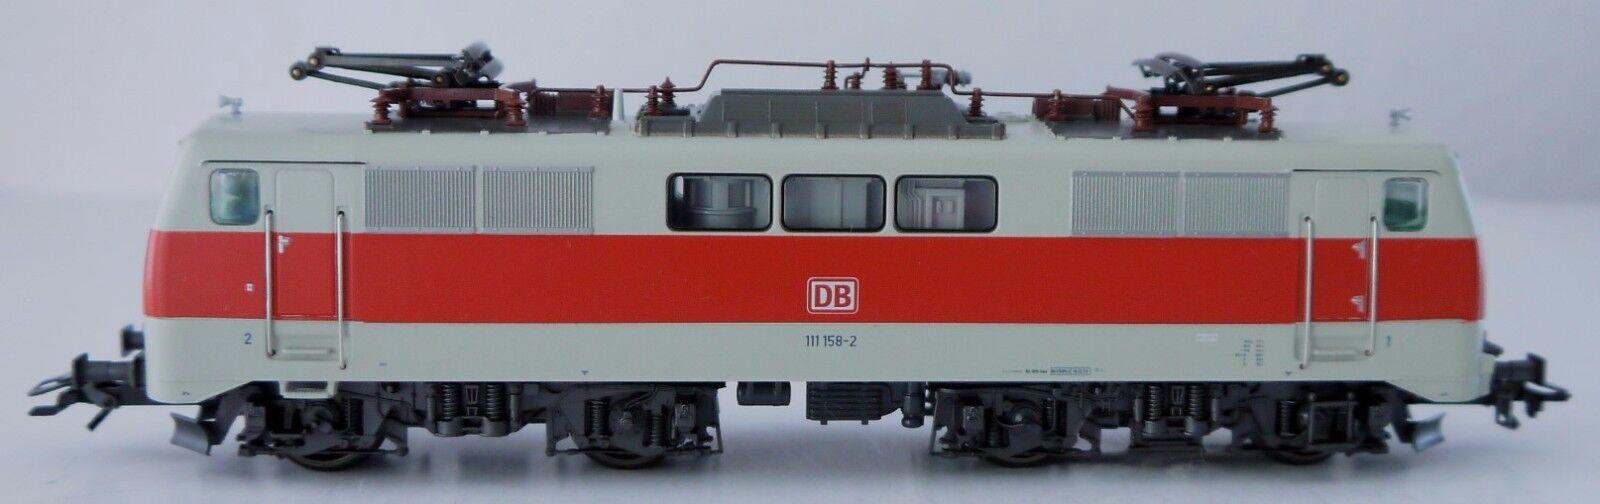 Märklin 37315 DB Elektrolokomotive BR 111 158-2  - Digital - OVP - Spur HO